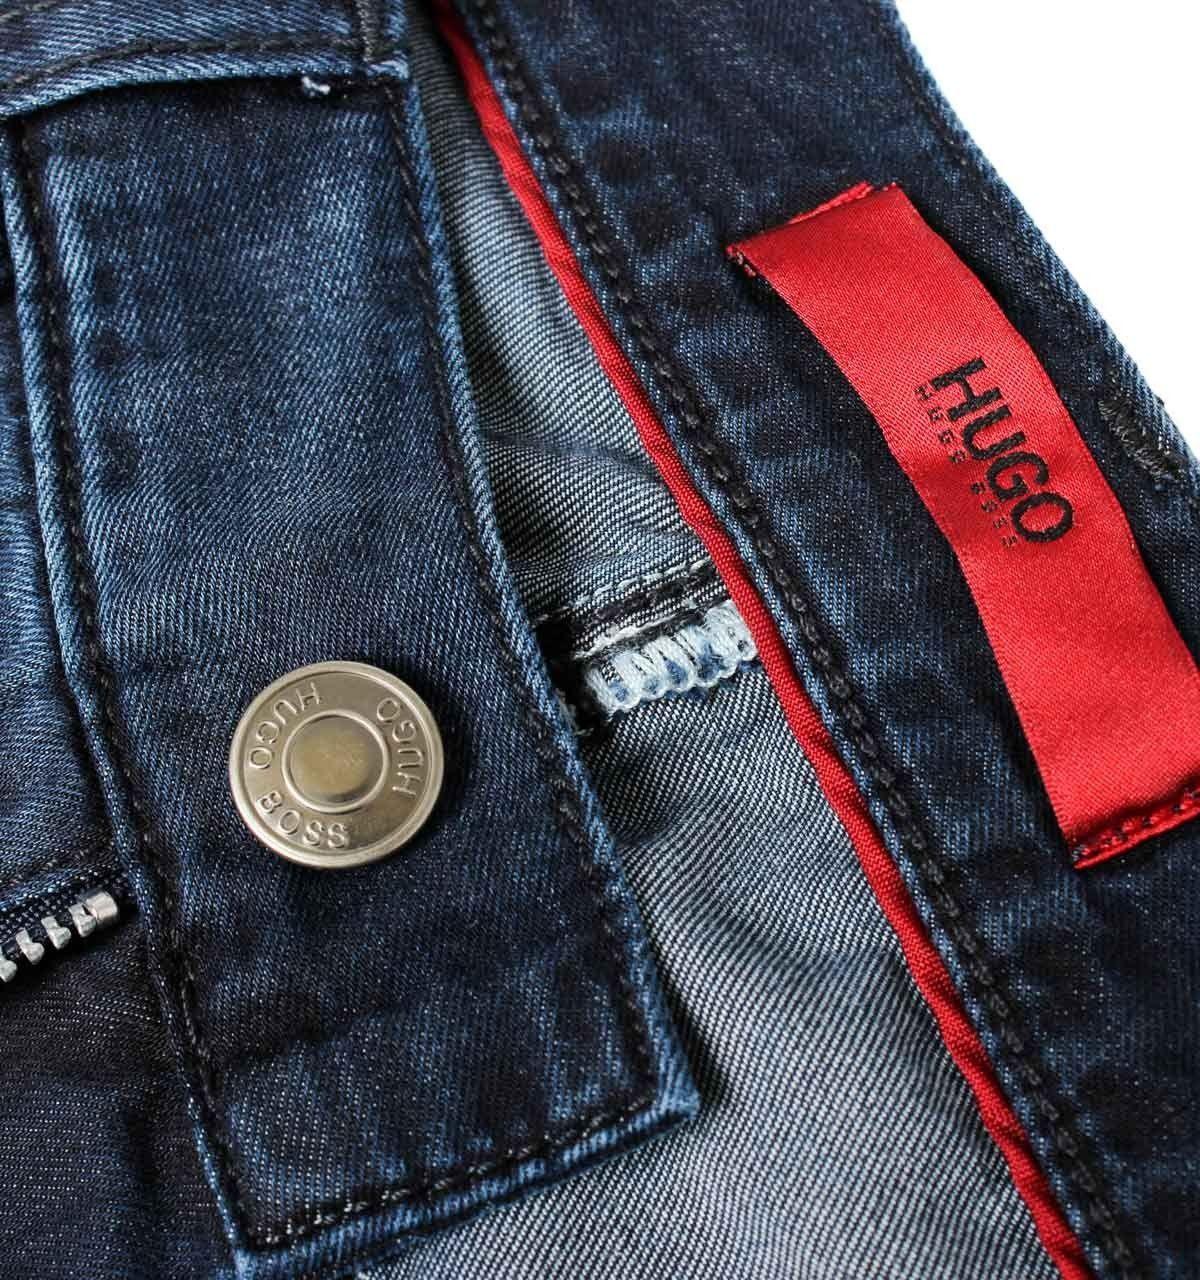 Denim Jeans Hugo Boss Blue Slim Fithugo Boss Hugo 708 Blue Slim Fit Denim Jeans Hugo Boss Jeans Para Hombre Pantalones De Hombre Pantalones De Mezclilla